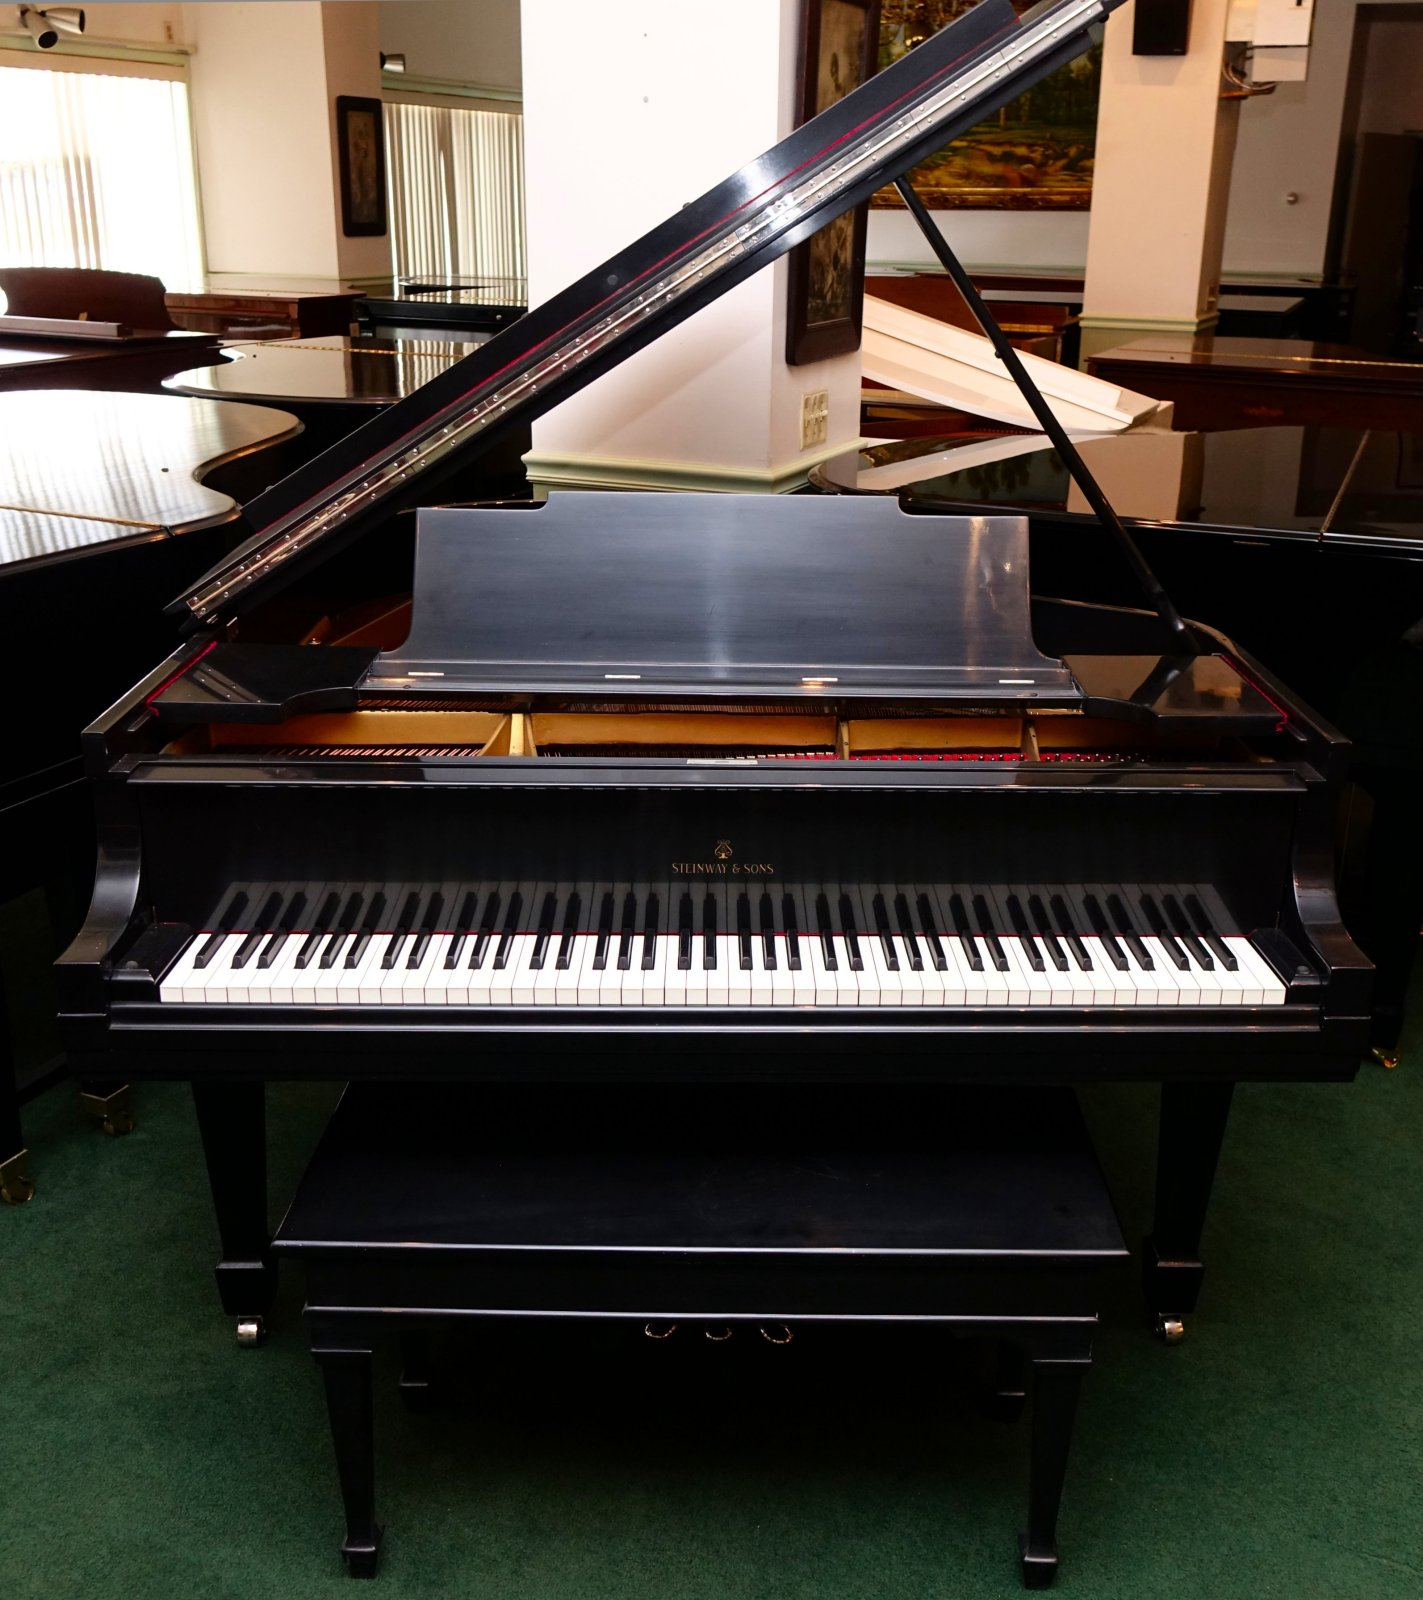 Piano clipart front Piano finish Ebony and pianos